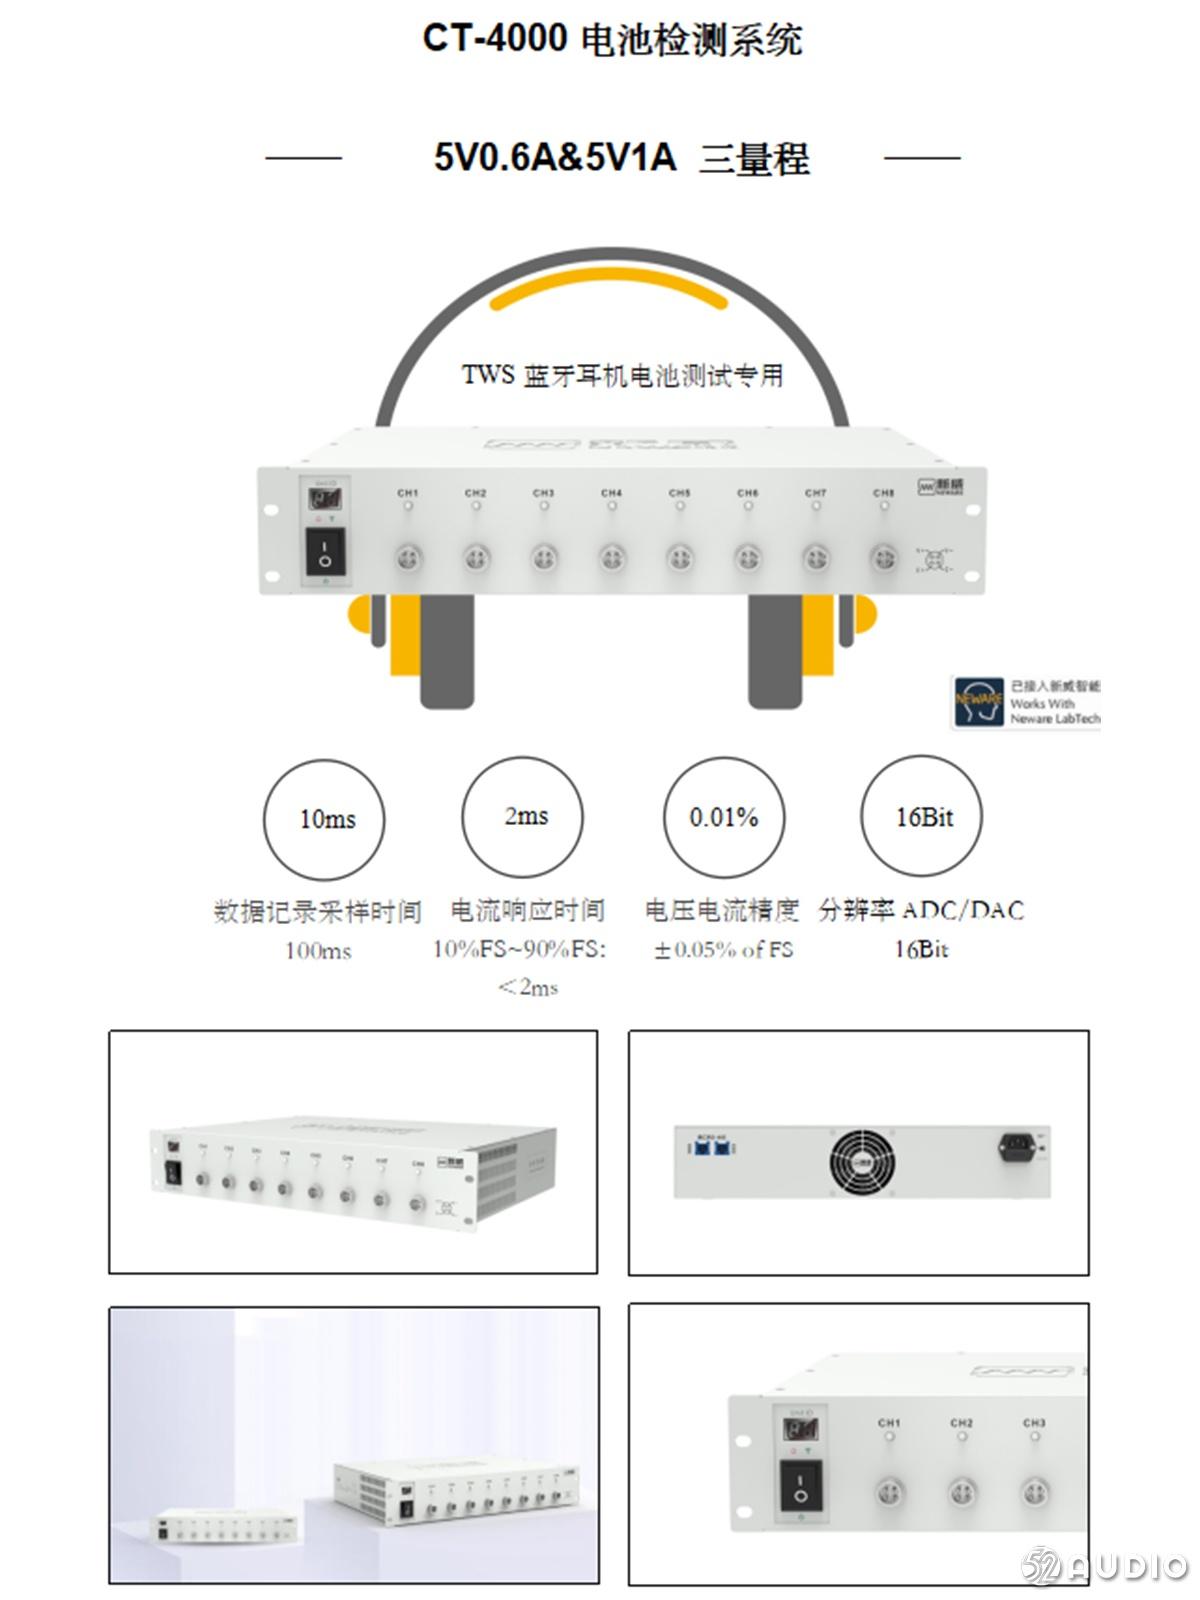 新威针对TWS耳机电池推出5V 0.6A、5V 1A两款电池测试设备-我爱音频网